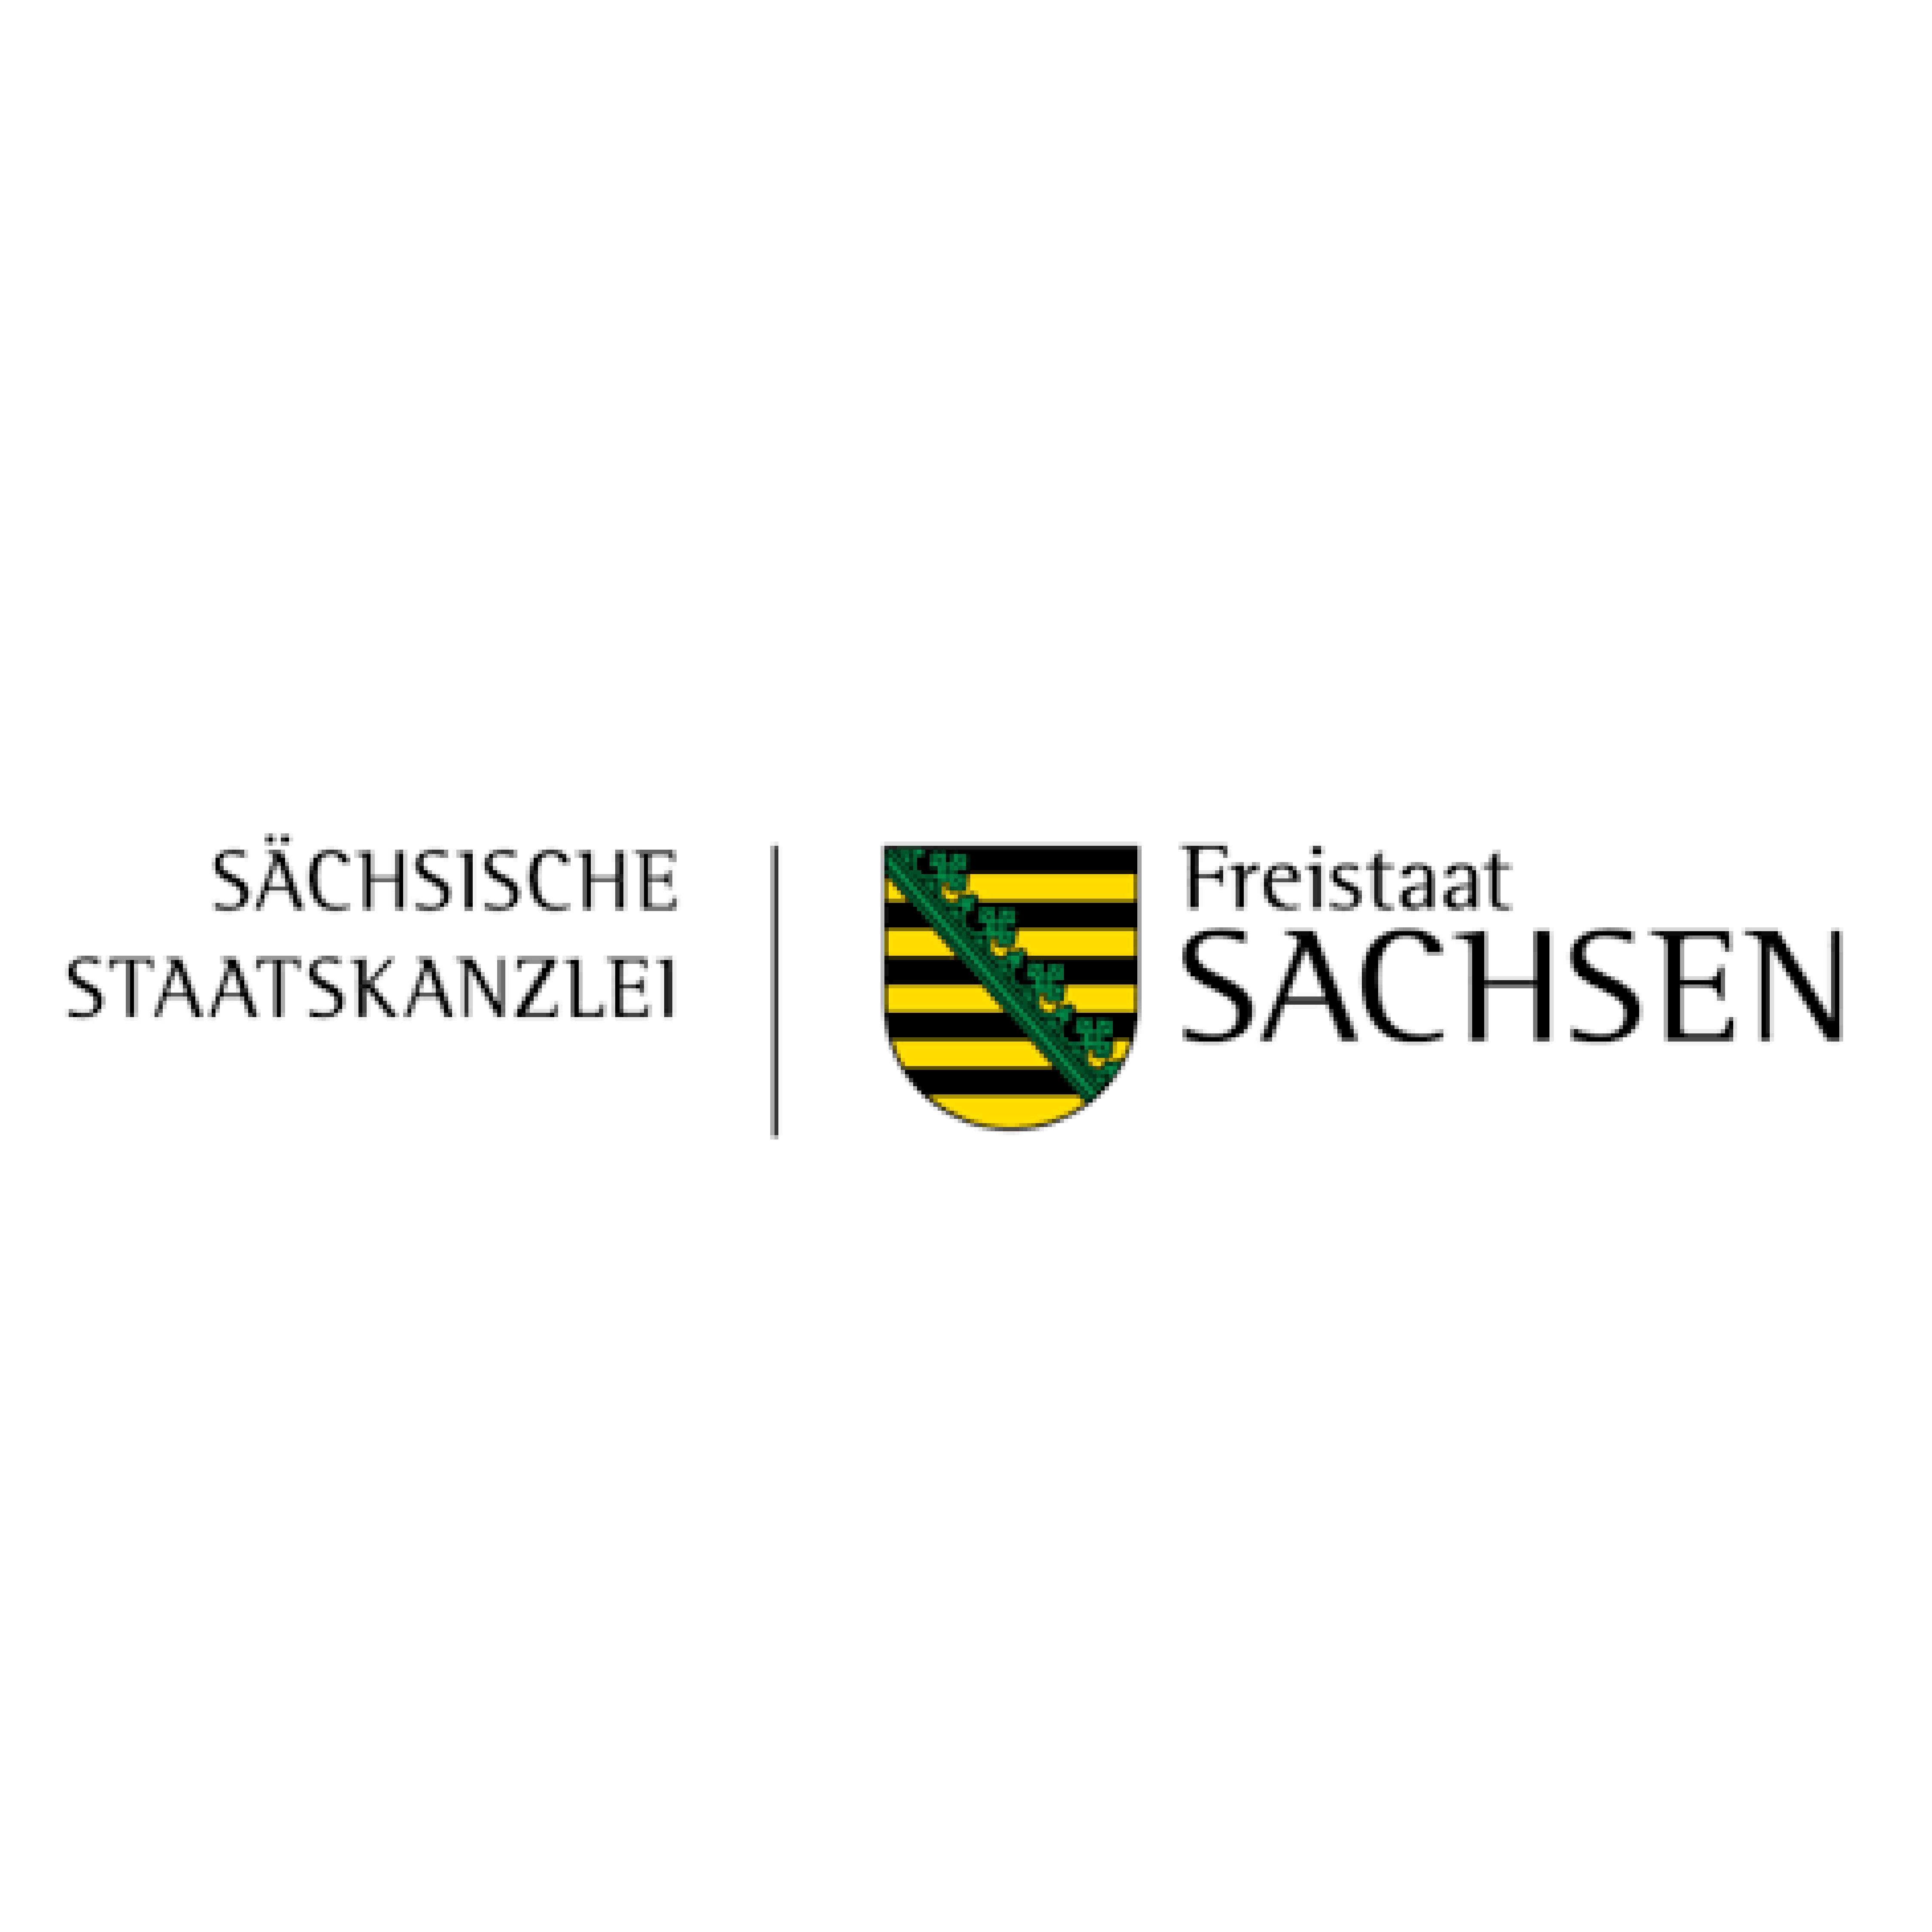 Sächsische Staatskanzlei | Freistaat Sachsen